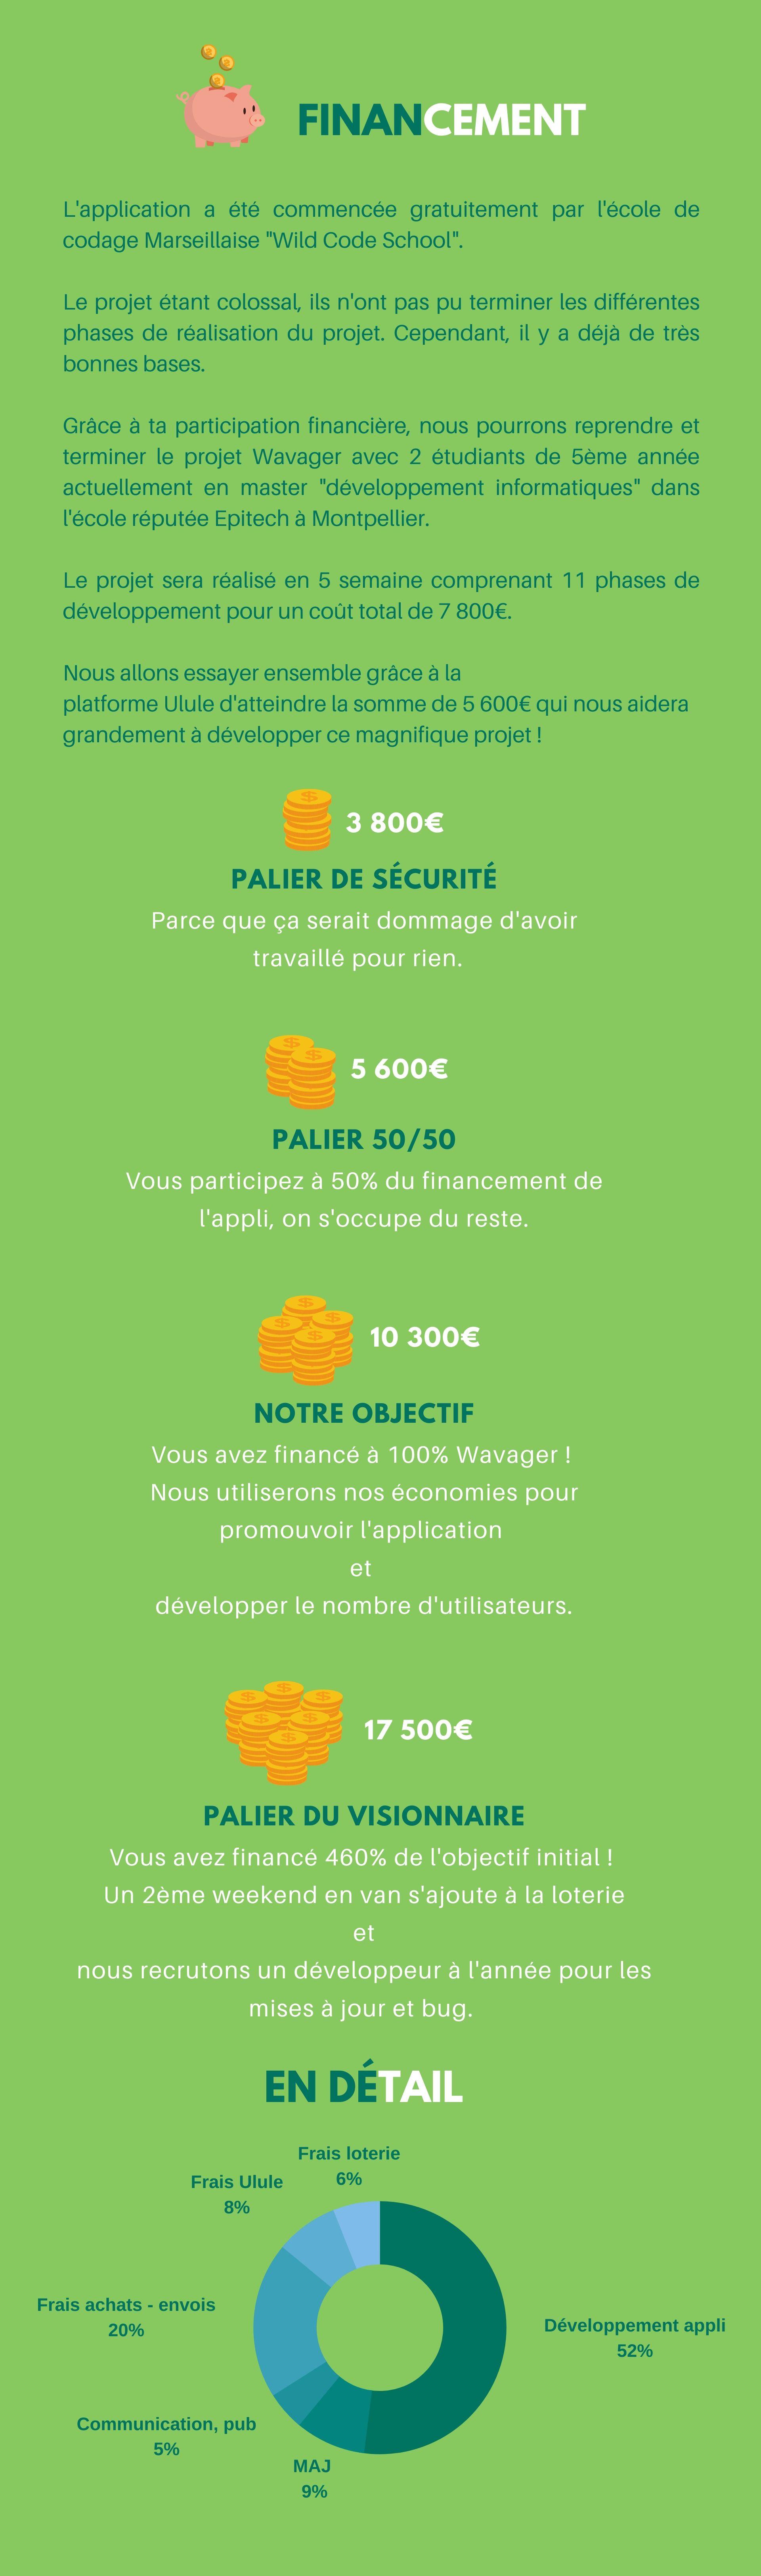 """financement L'application a été commencée gratuitement par l'école de codage Marseillaise """"Wild Code School"""".  Le projet étant colossal, ils n'ont pas pu terminer les différentes phases de réalisation du projet. Cependant, il y a déjà detrès bonnes bases.  Grâce à ta participation financière, nous pourronsreprendre et terminerleprojetWavageravec 2 étudiants de 5ème année actuellement en master """"développement informatiques"""" dans l'école réputée Epitech à Montpellier.  Le projet sera réalisé en 5 semaine comprenant 11 phases de développement pour un coût total de 7 800€.  Nous allons essayer ensemble grâce à la platformeUluled'atteindre la somme de 5 600€qui nous aidera grandement à développer cemagnifique projet !"""